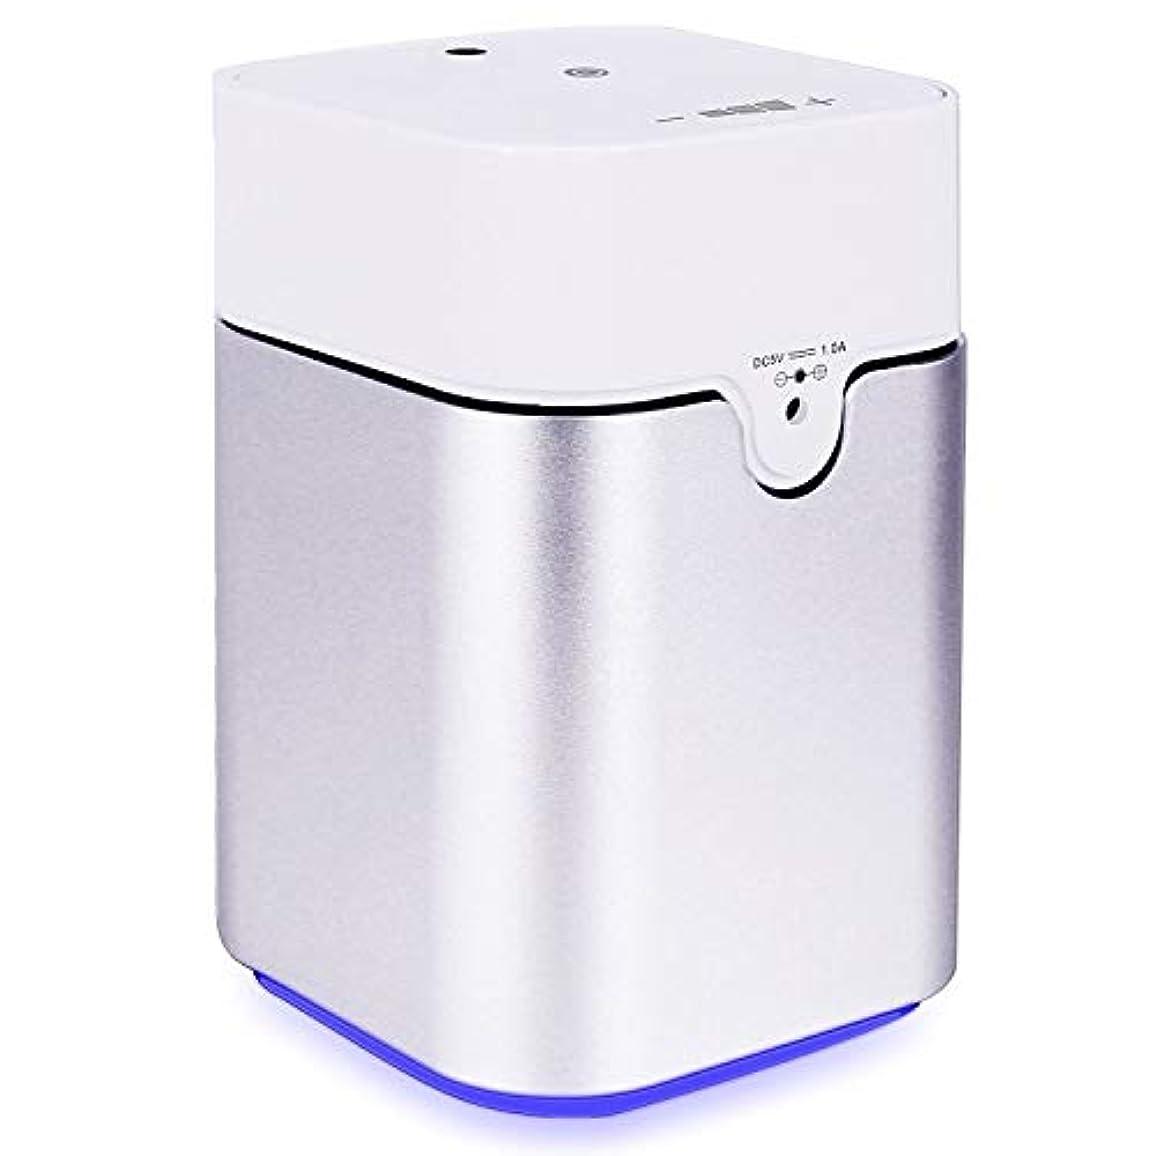 ゼロ入力極貧ENERG e's Pure アロマディフューザー ヨガ室 整体院人気 タイマー機能 ネブライザー式 量調整可能 精油瓶3個付き T11-ENS082